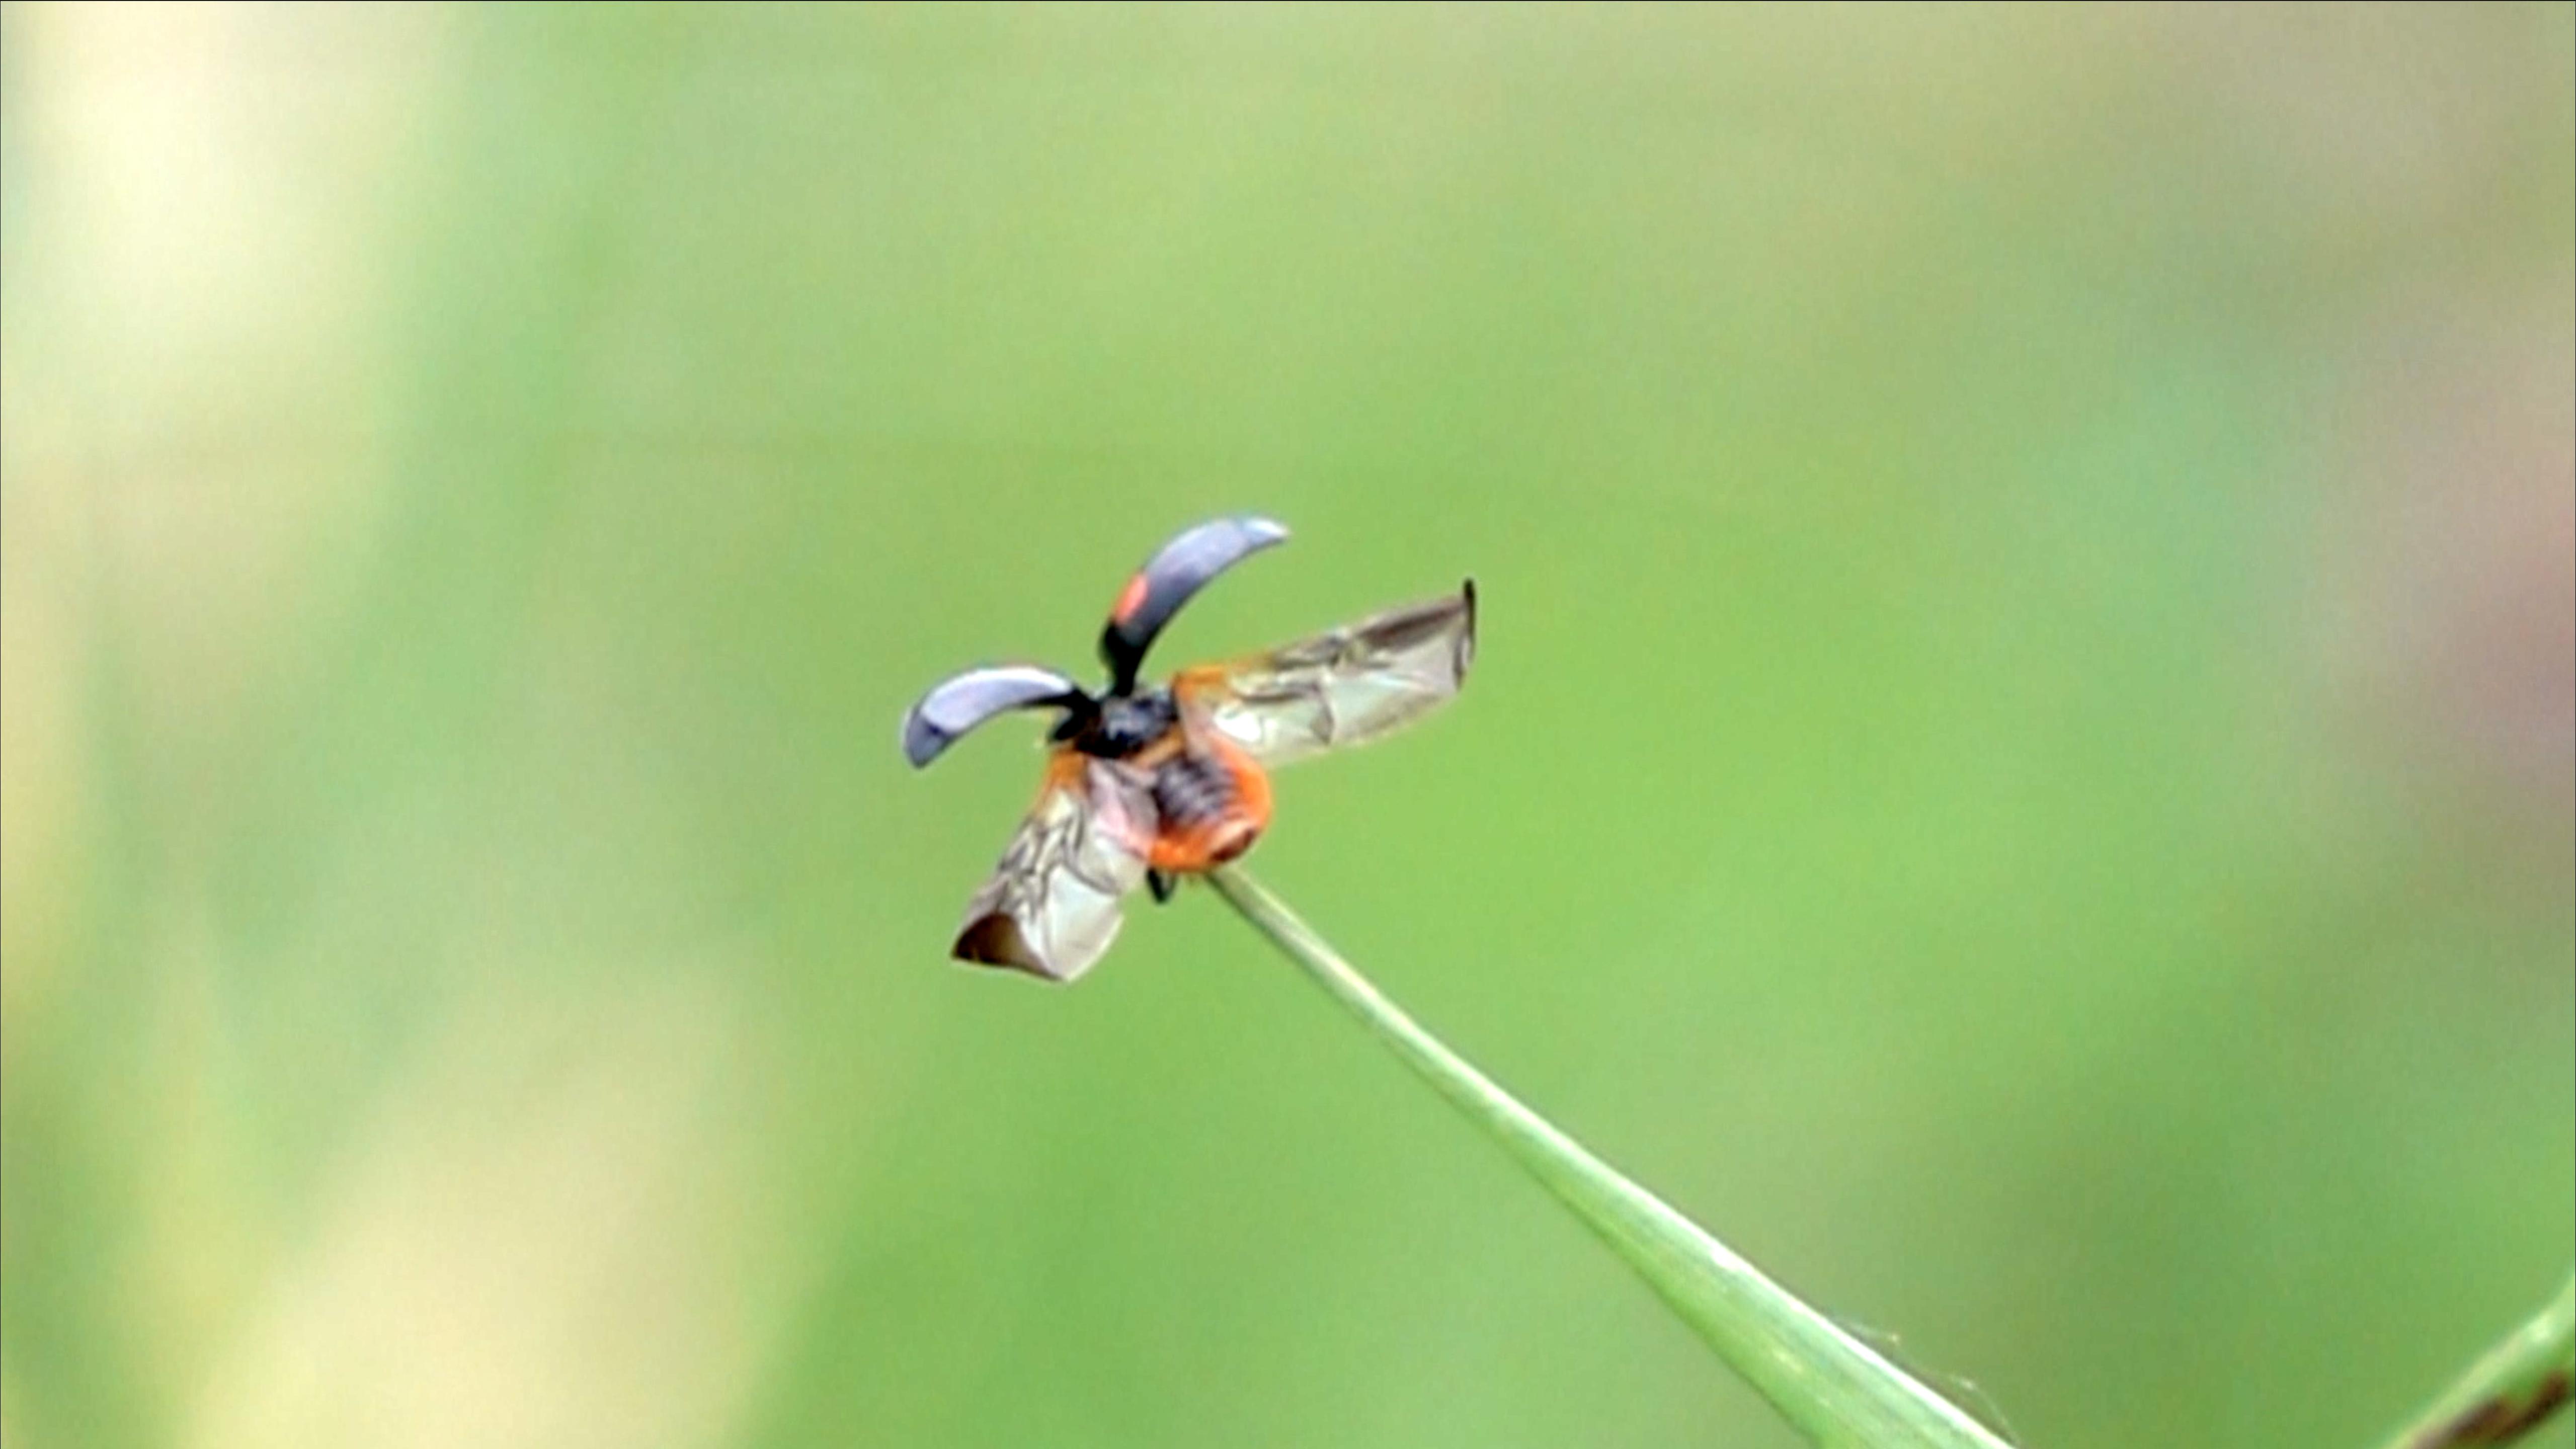 てんとう虫が飛び立つ瞬間をスーパースローで観察